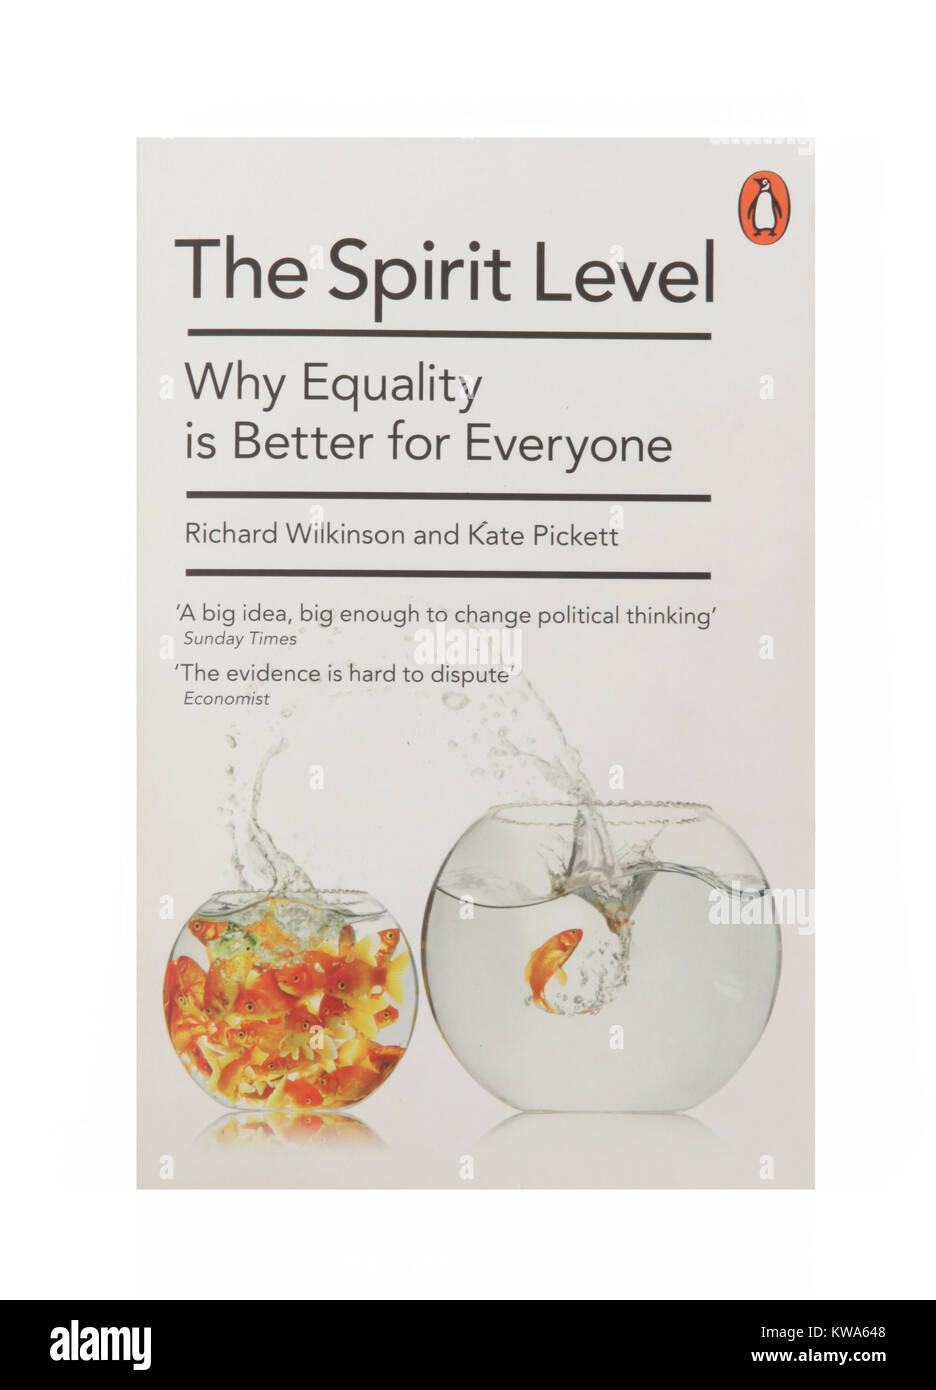 Das Buch, der Wasserwaage - Warum Gleichheit ist für alle besser von Richard Wilkinson und Kate Pickett. Stockbild